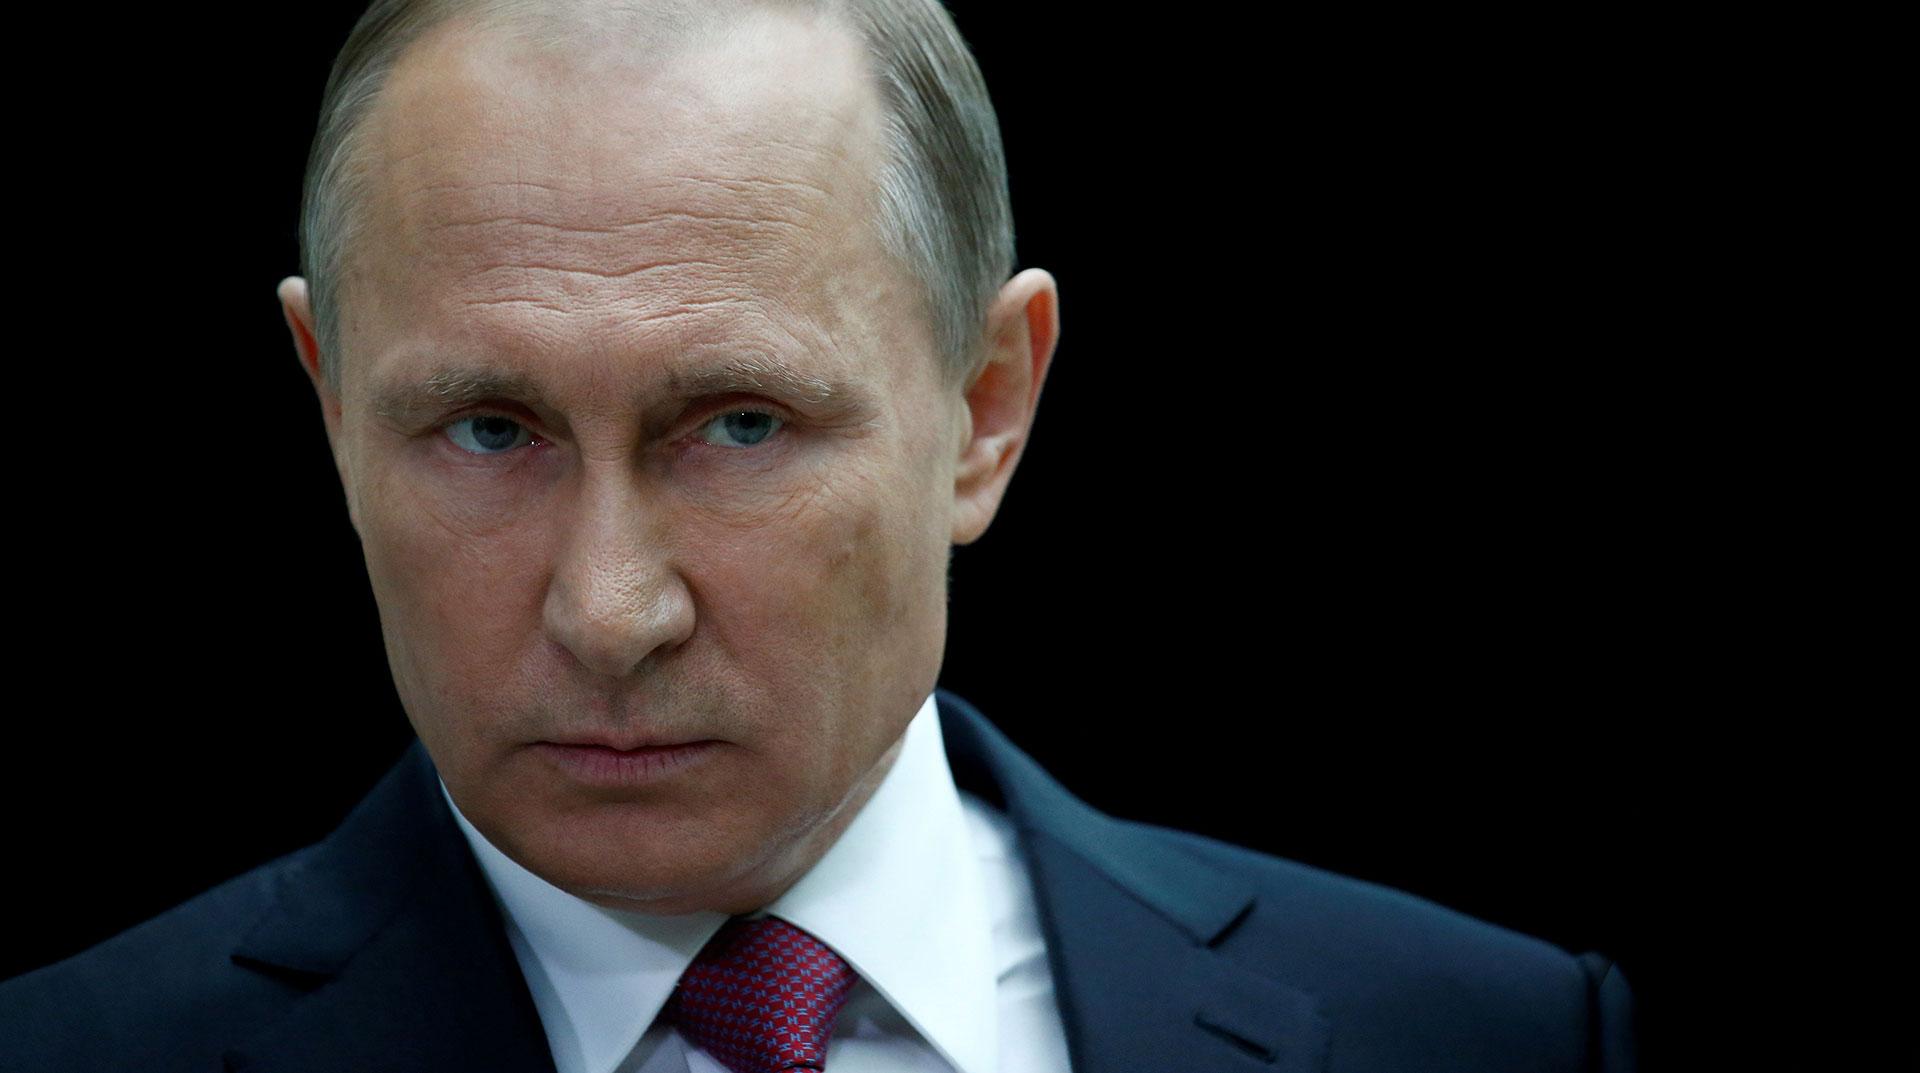 Trump'ın Skandal Mektubuna Putin'den Tepki